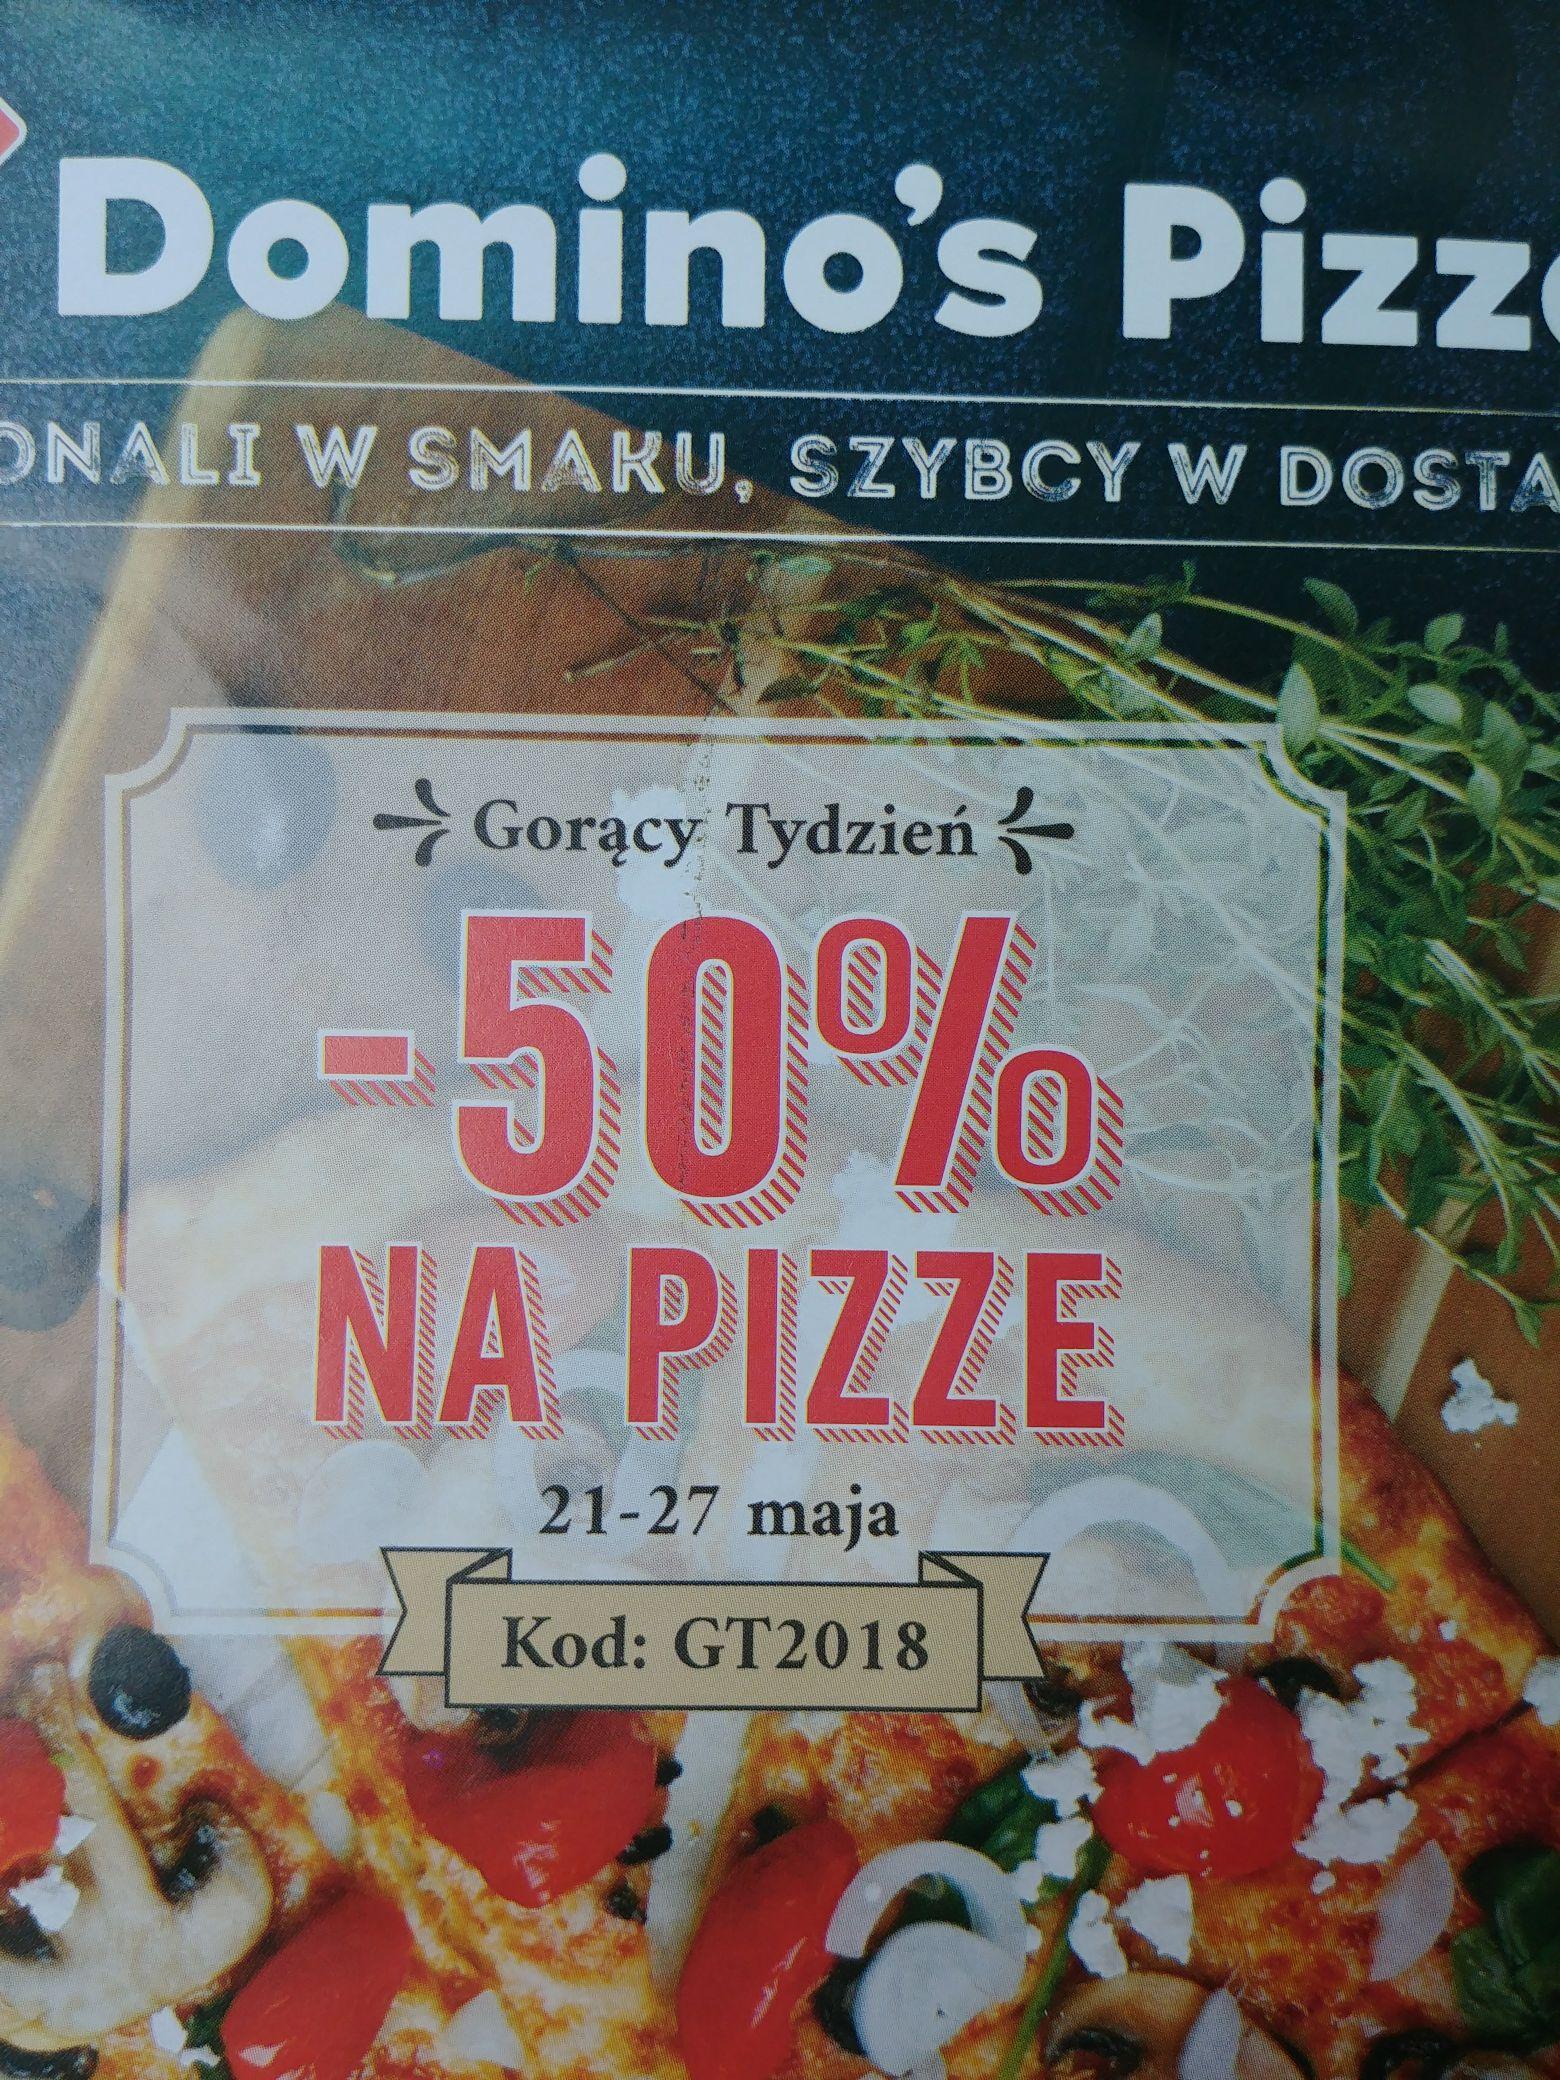 Domino's - 50% na pizzę Elbląg